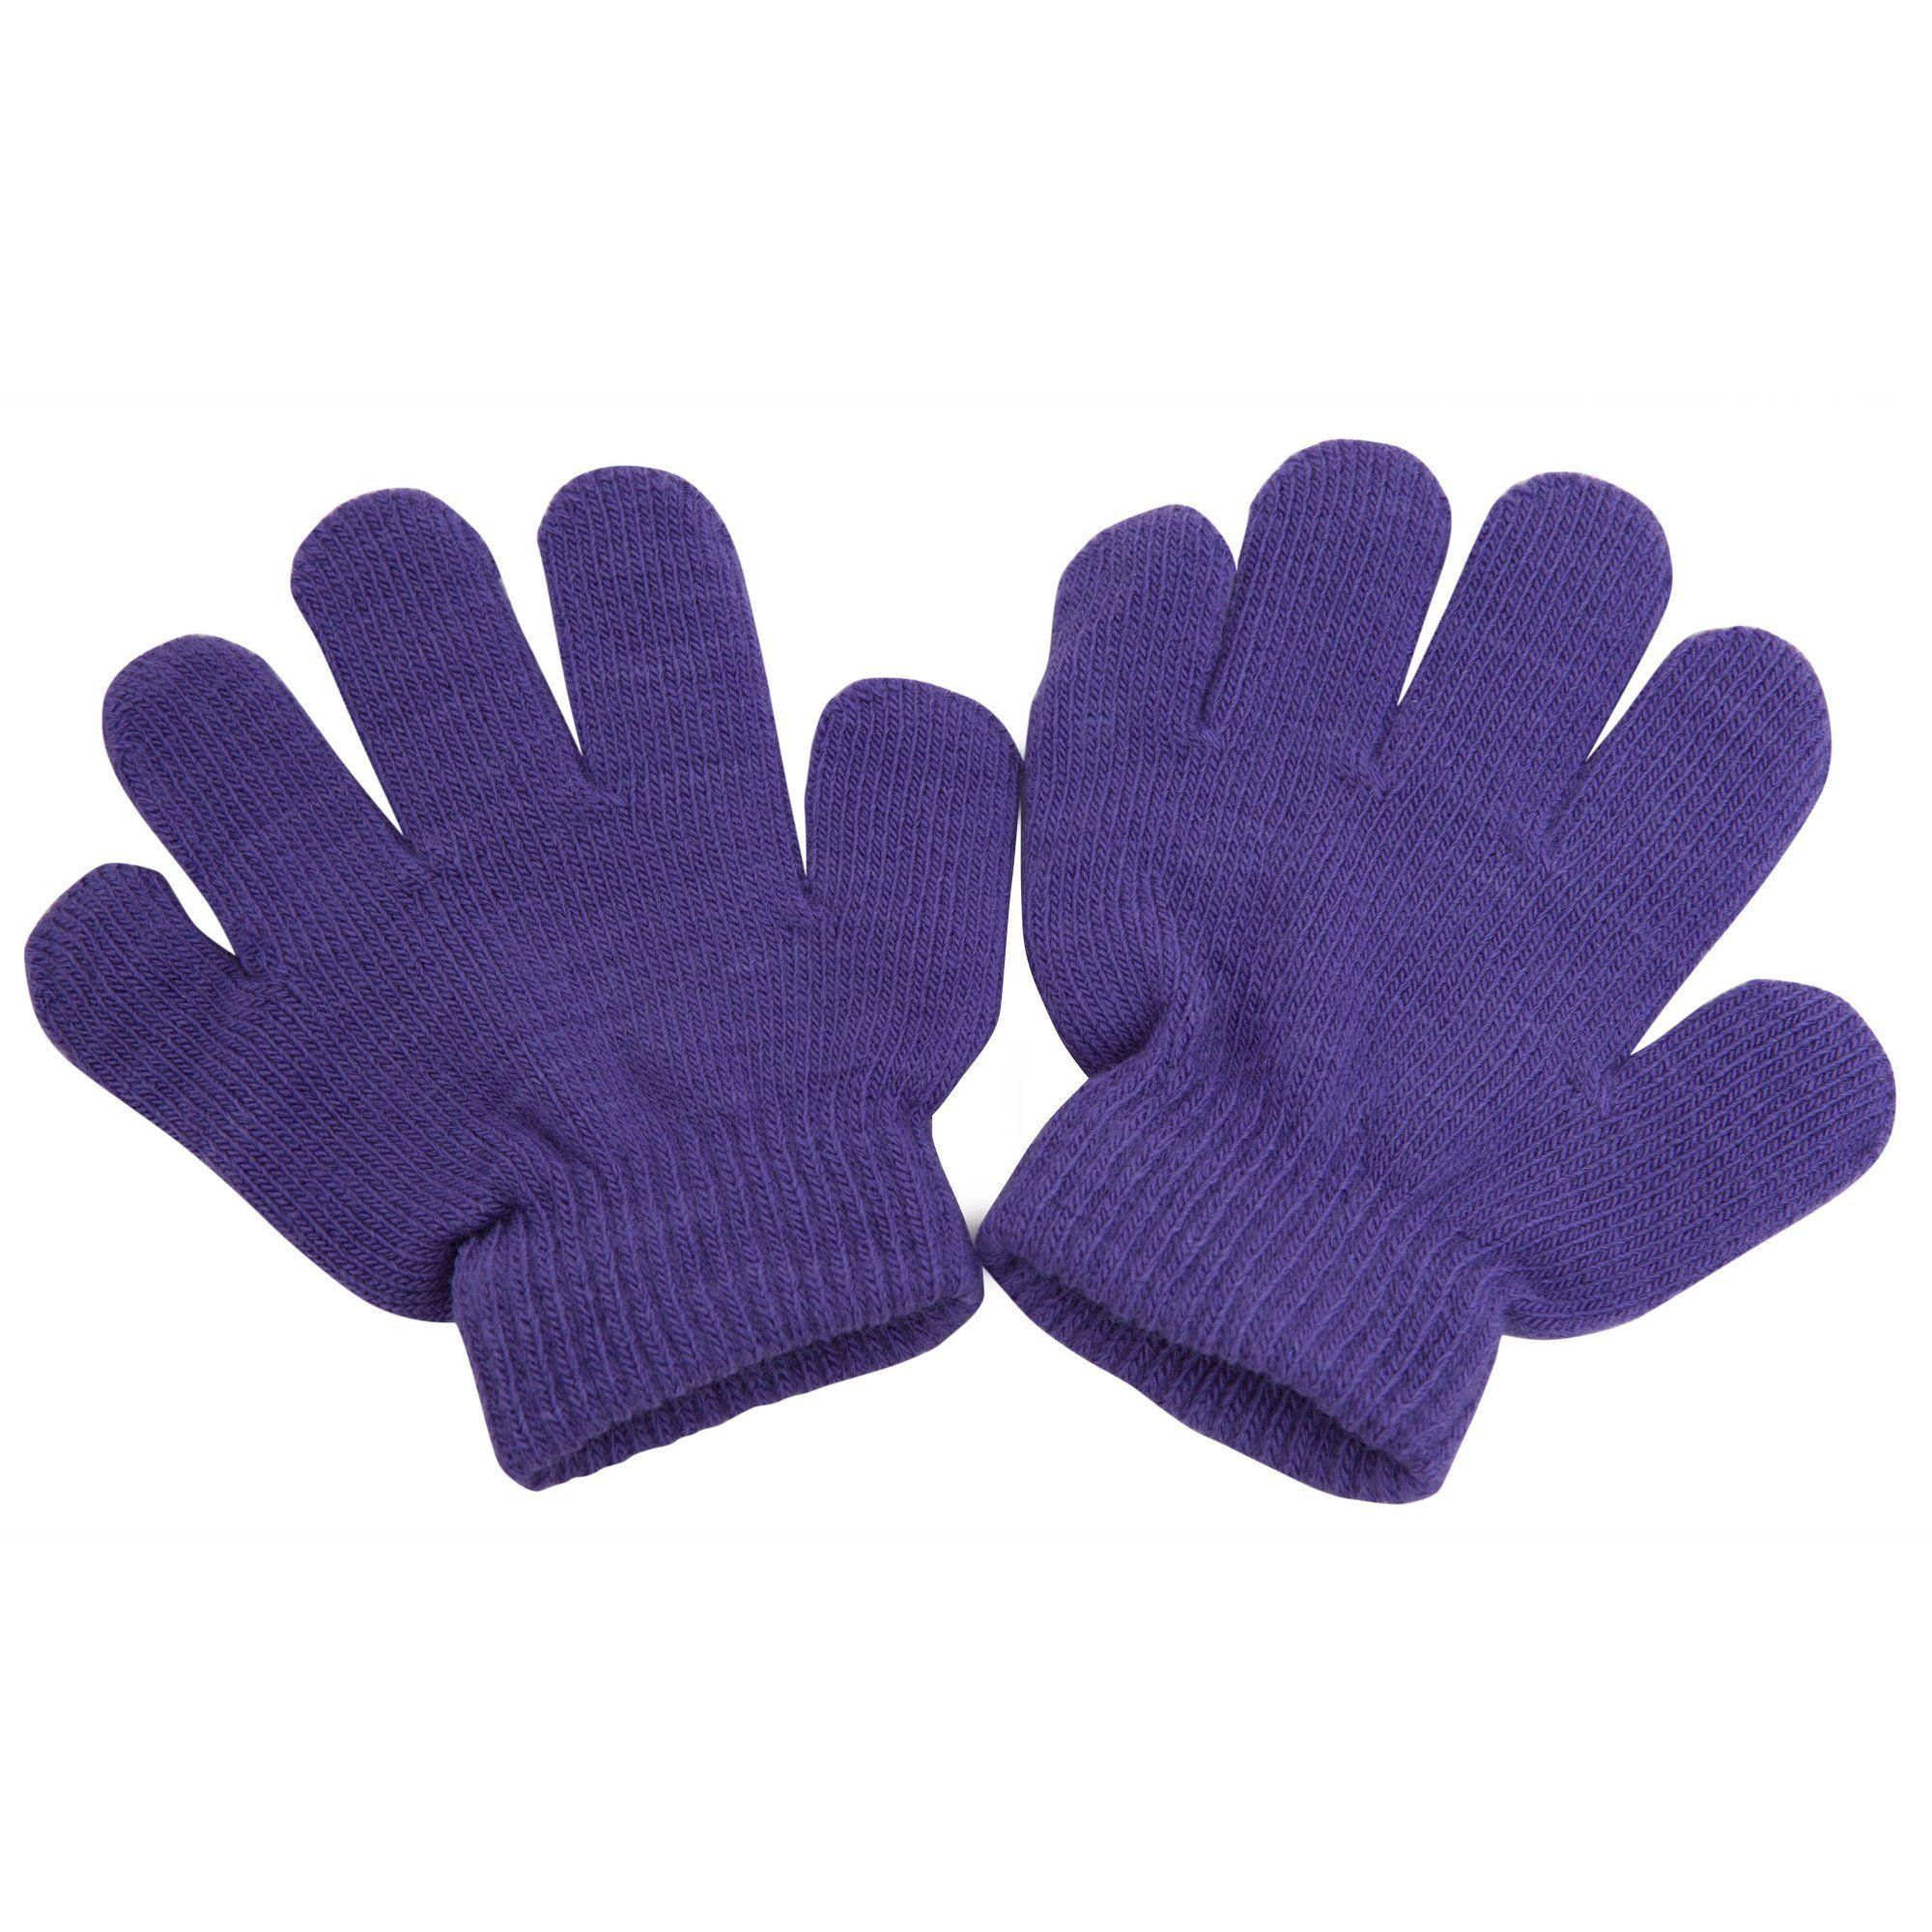 Girls Magic 2 in 1 Thermal Winter Gloves /& Fingerless Gloves